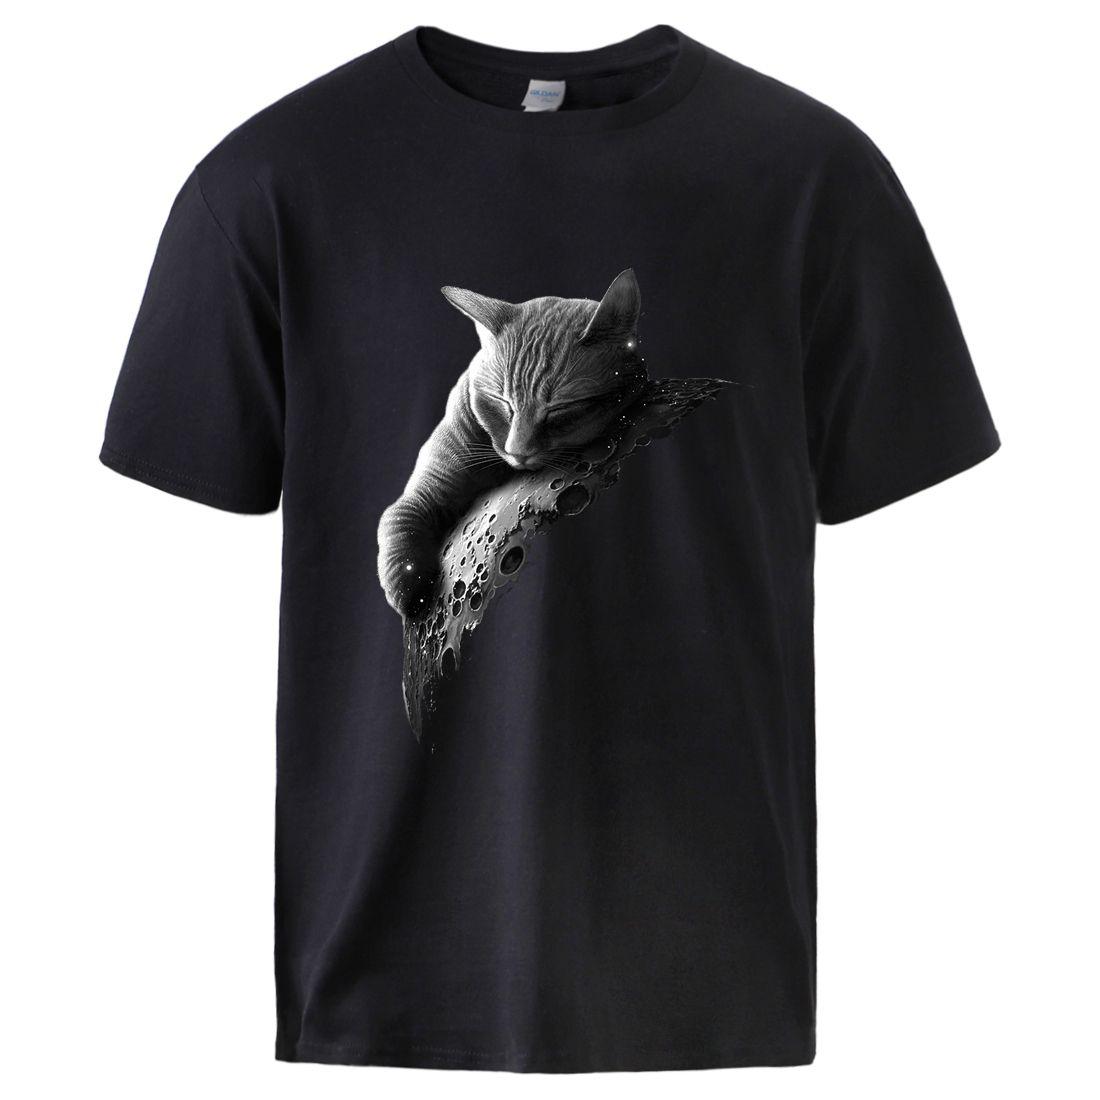 Tops gatos de Homens Impresso Summer manga curta Algodão Streetwear Camisetas de forma masculino soltas Casual Workout Crewneck preto Tees